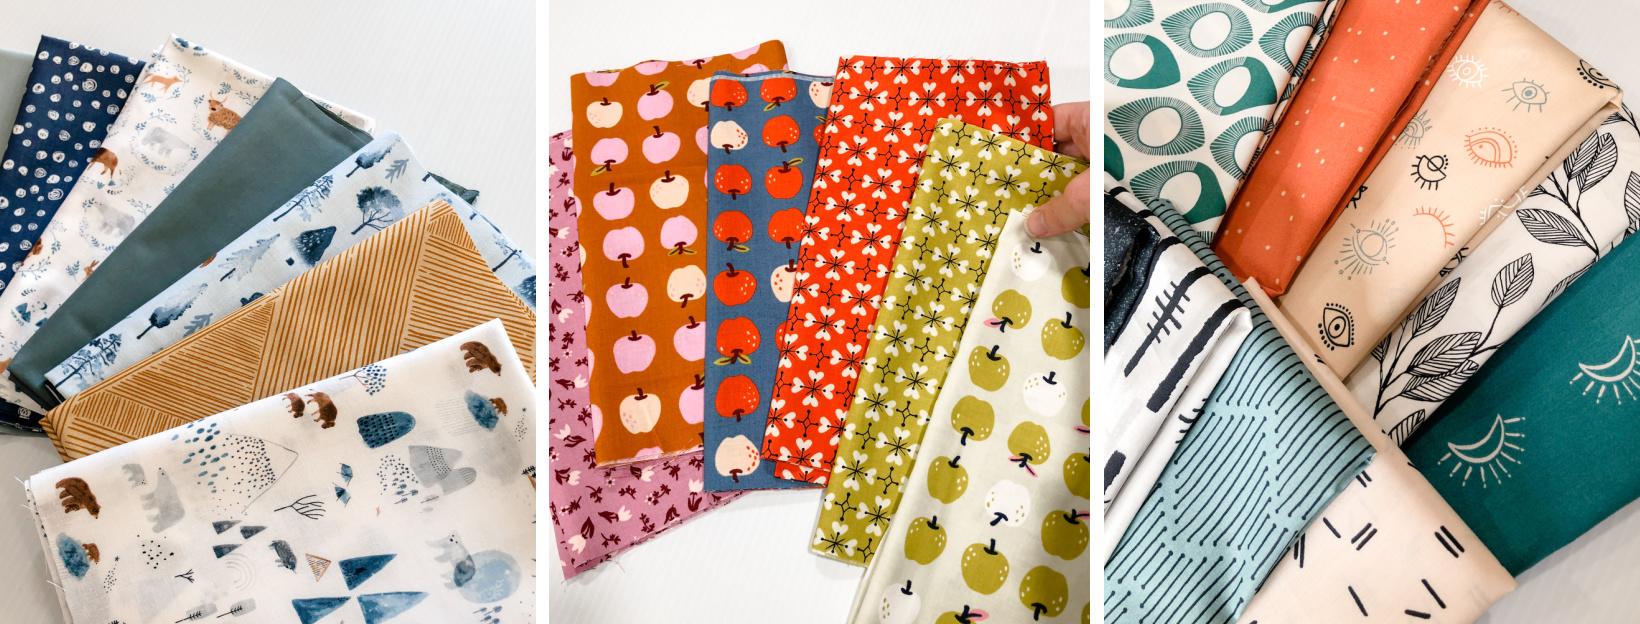 high quality designer fabric